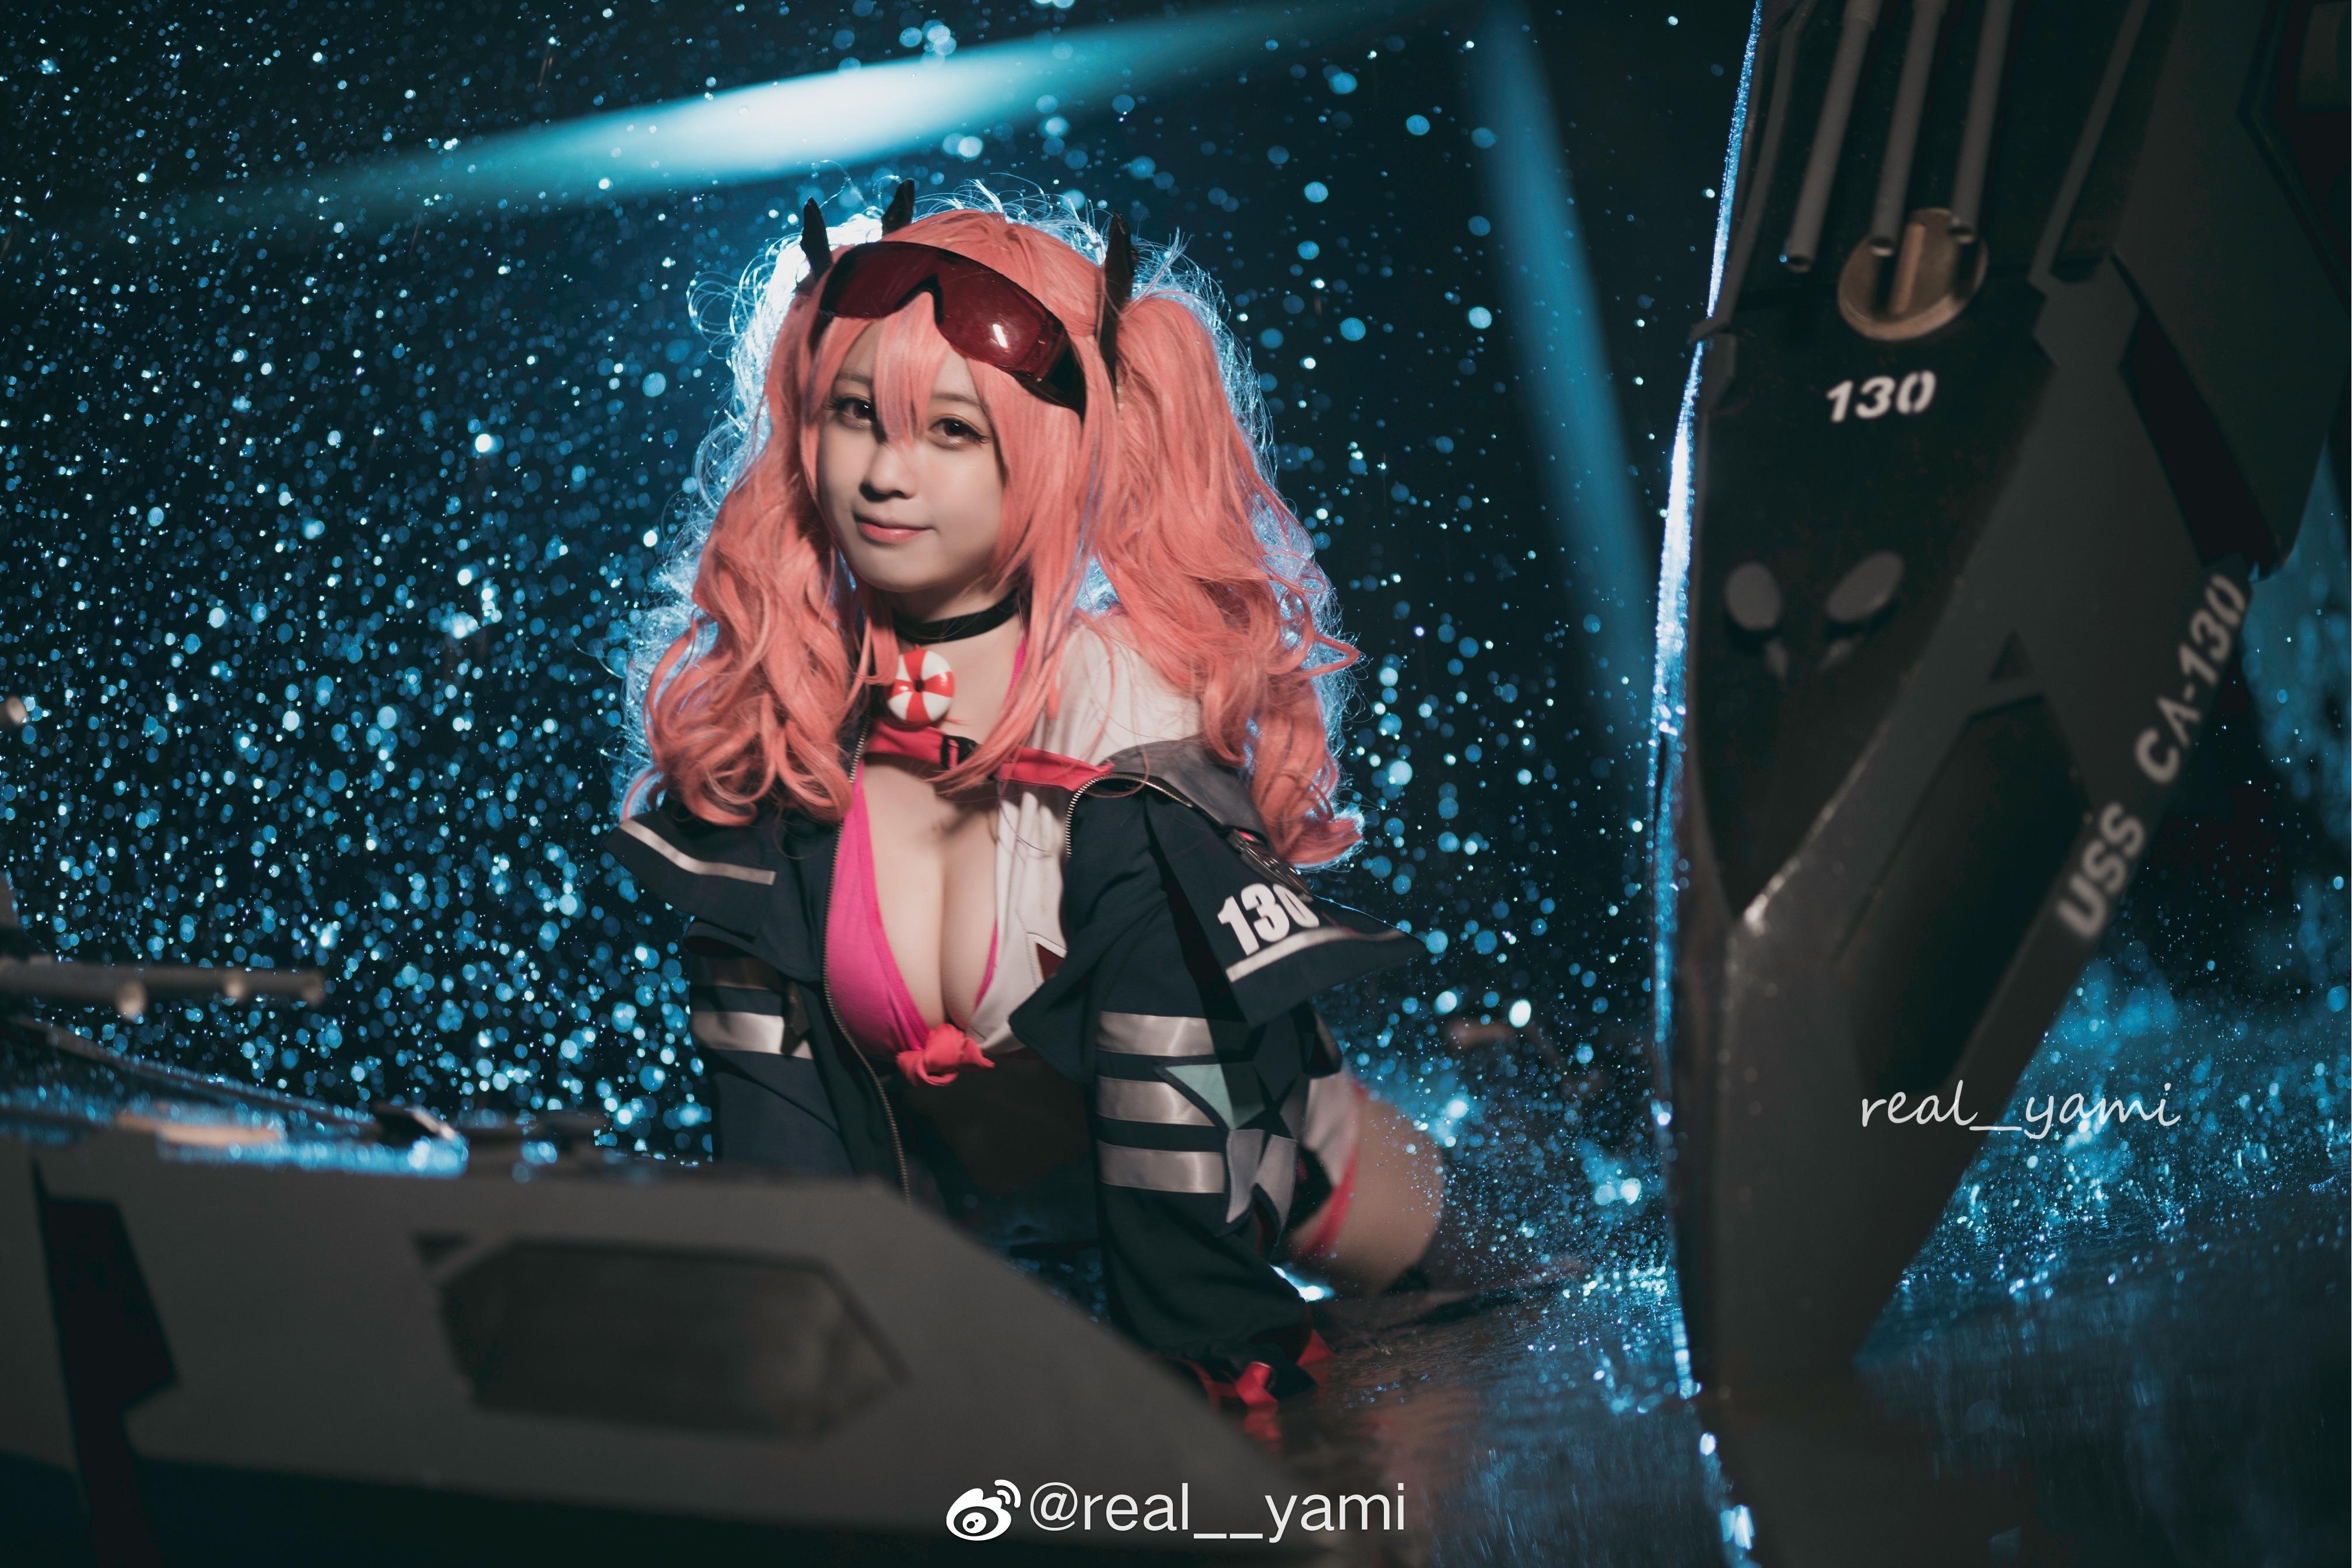 小可爱来了@real__yami 碧蓝航线3周年,太可耐了! 爱看资源网整理发布www.qqloser.com